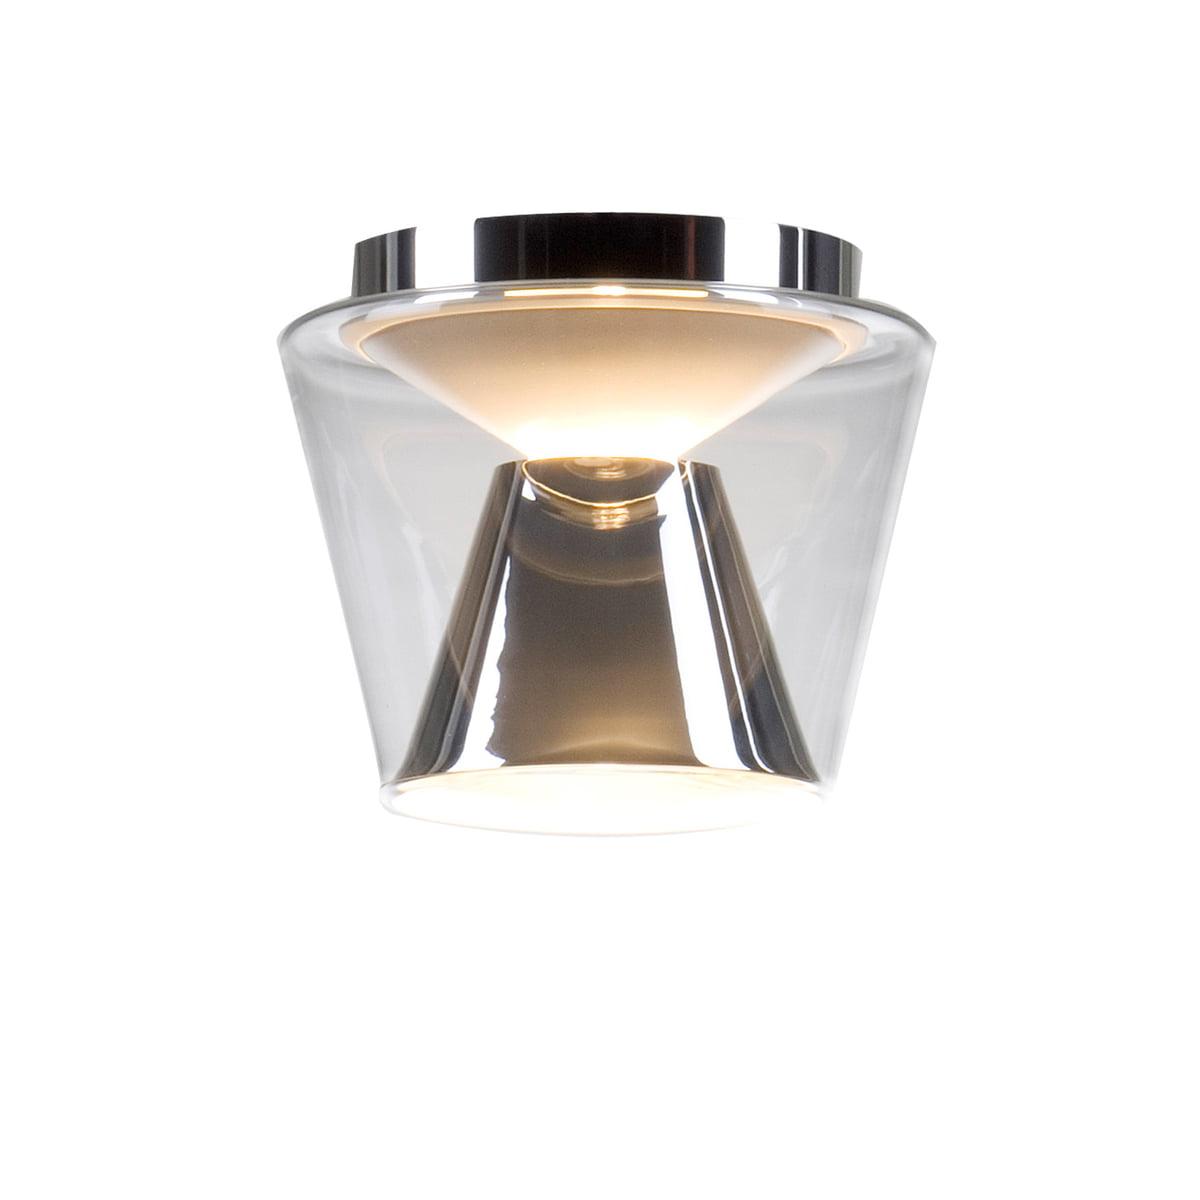 Büro & Schreibwaren Büromöbel Deckenleuchte Deckenlampe Wohnzimmer Lampe Spot Rund Glas Trio 6800011-01